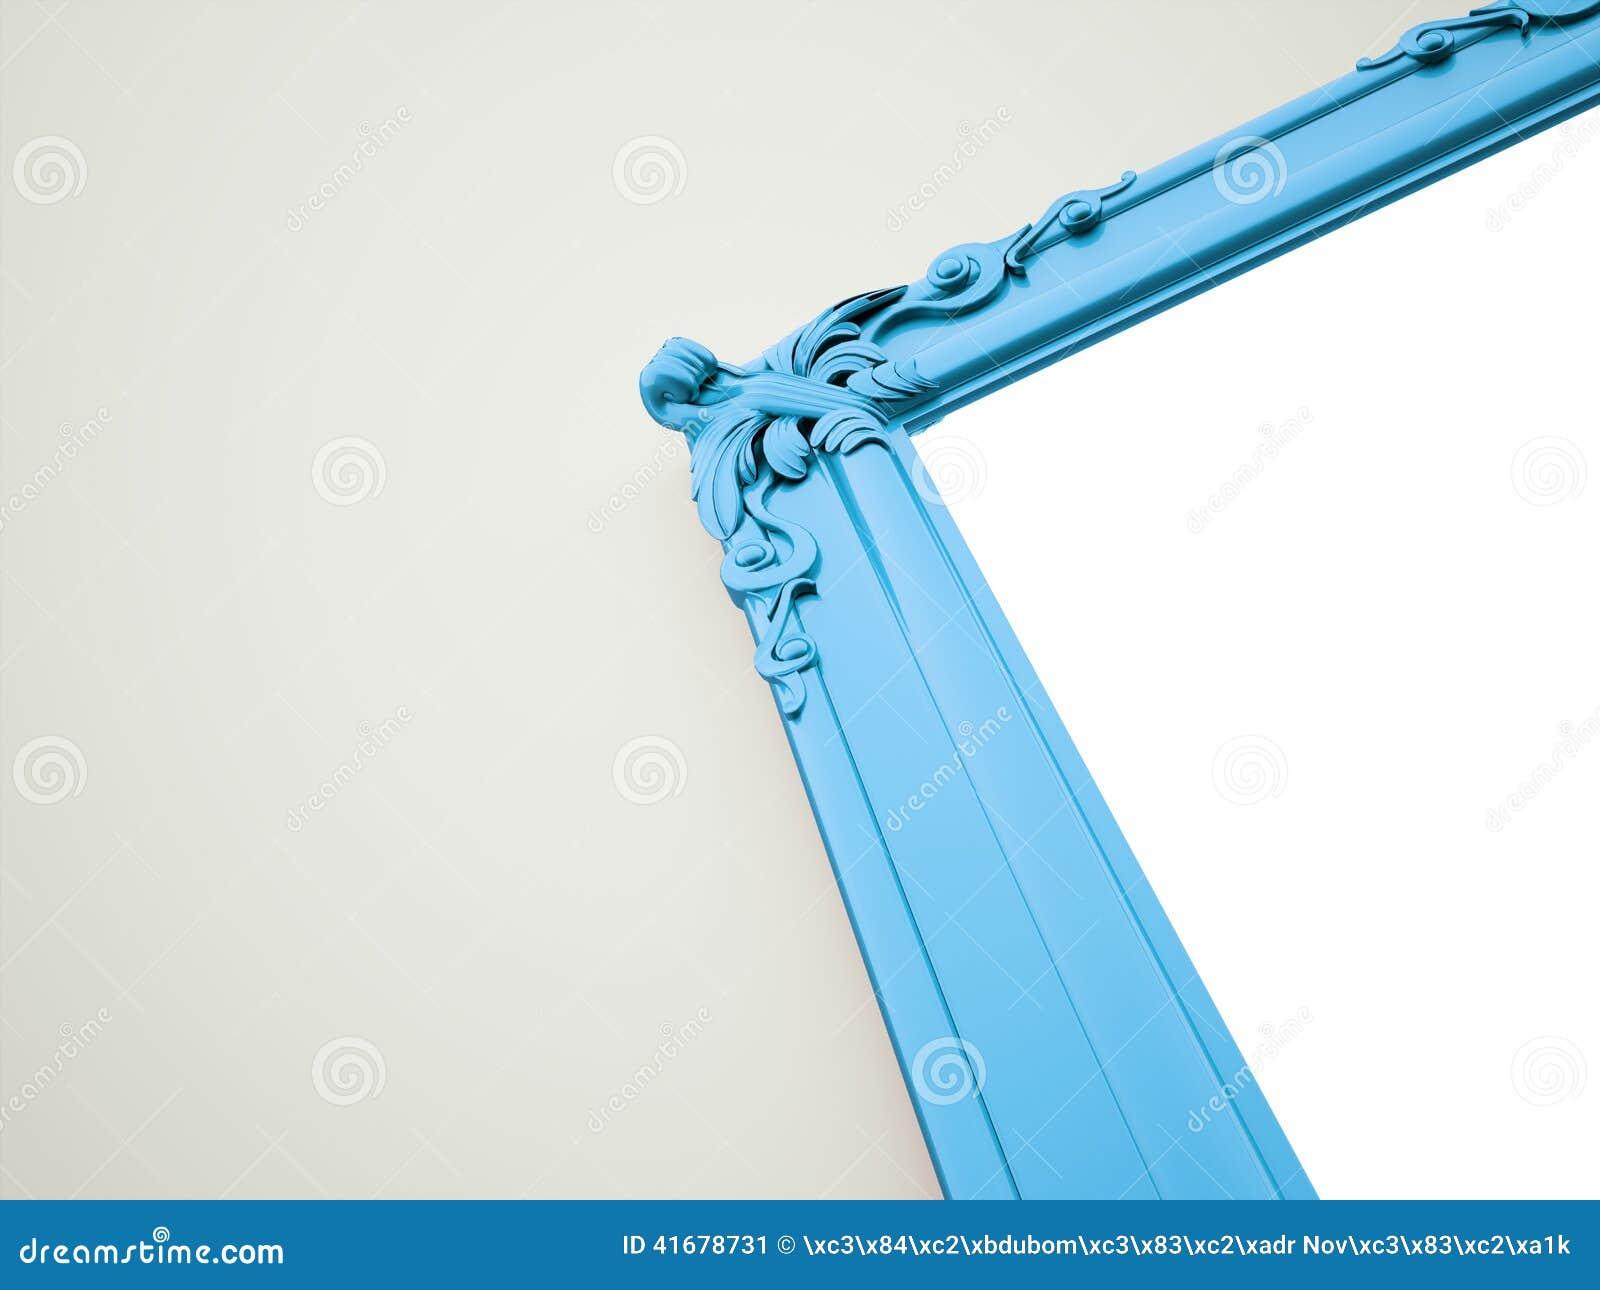 Blue Mirror Frame Vintage Concept Stock Illustration - Image: 41678731